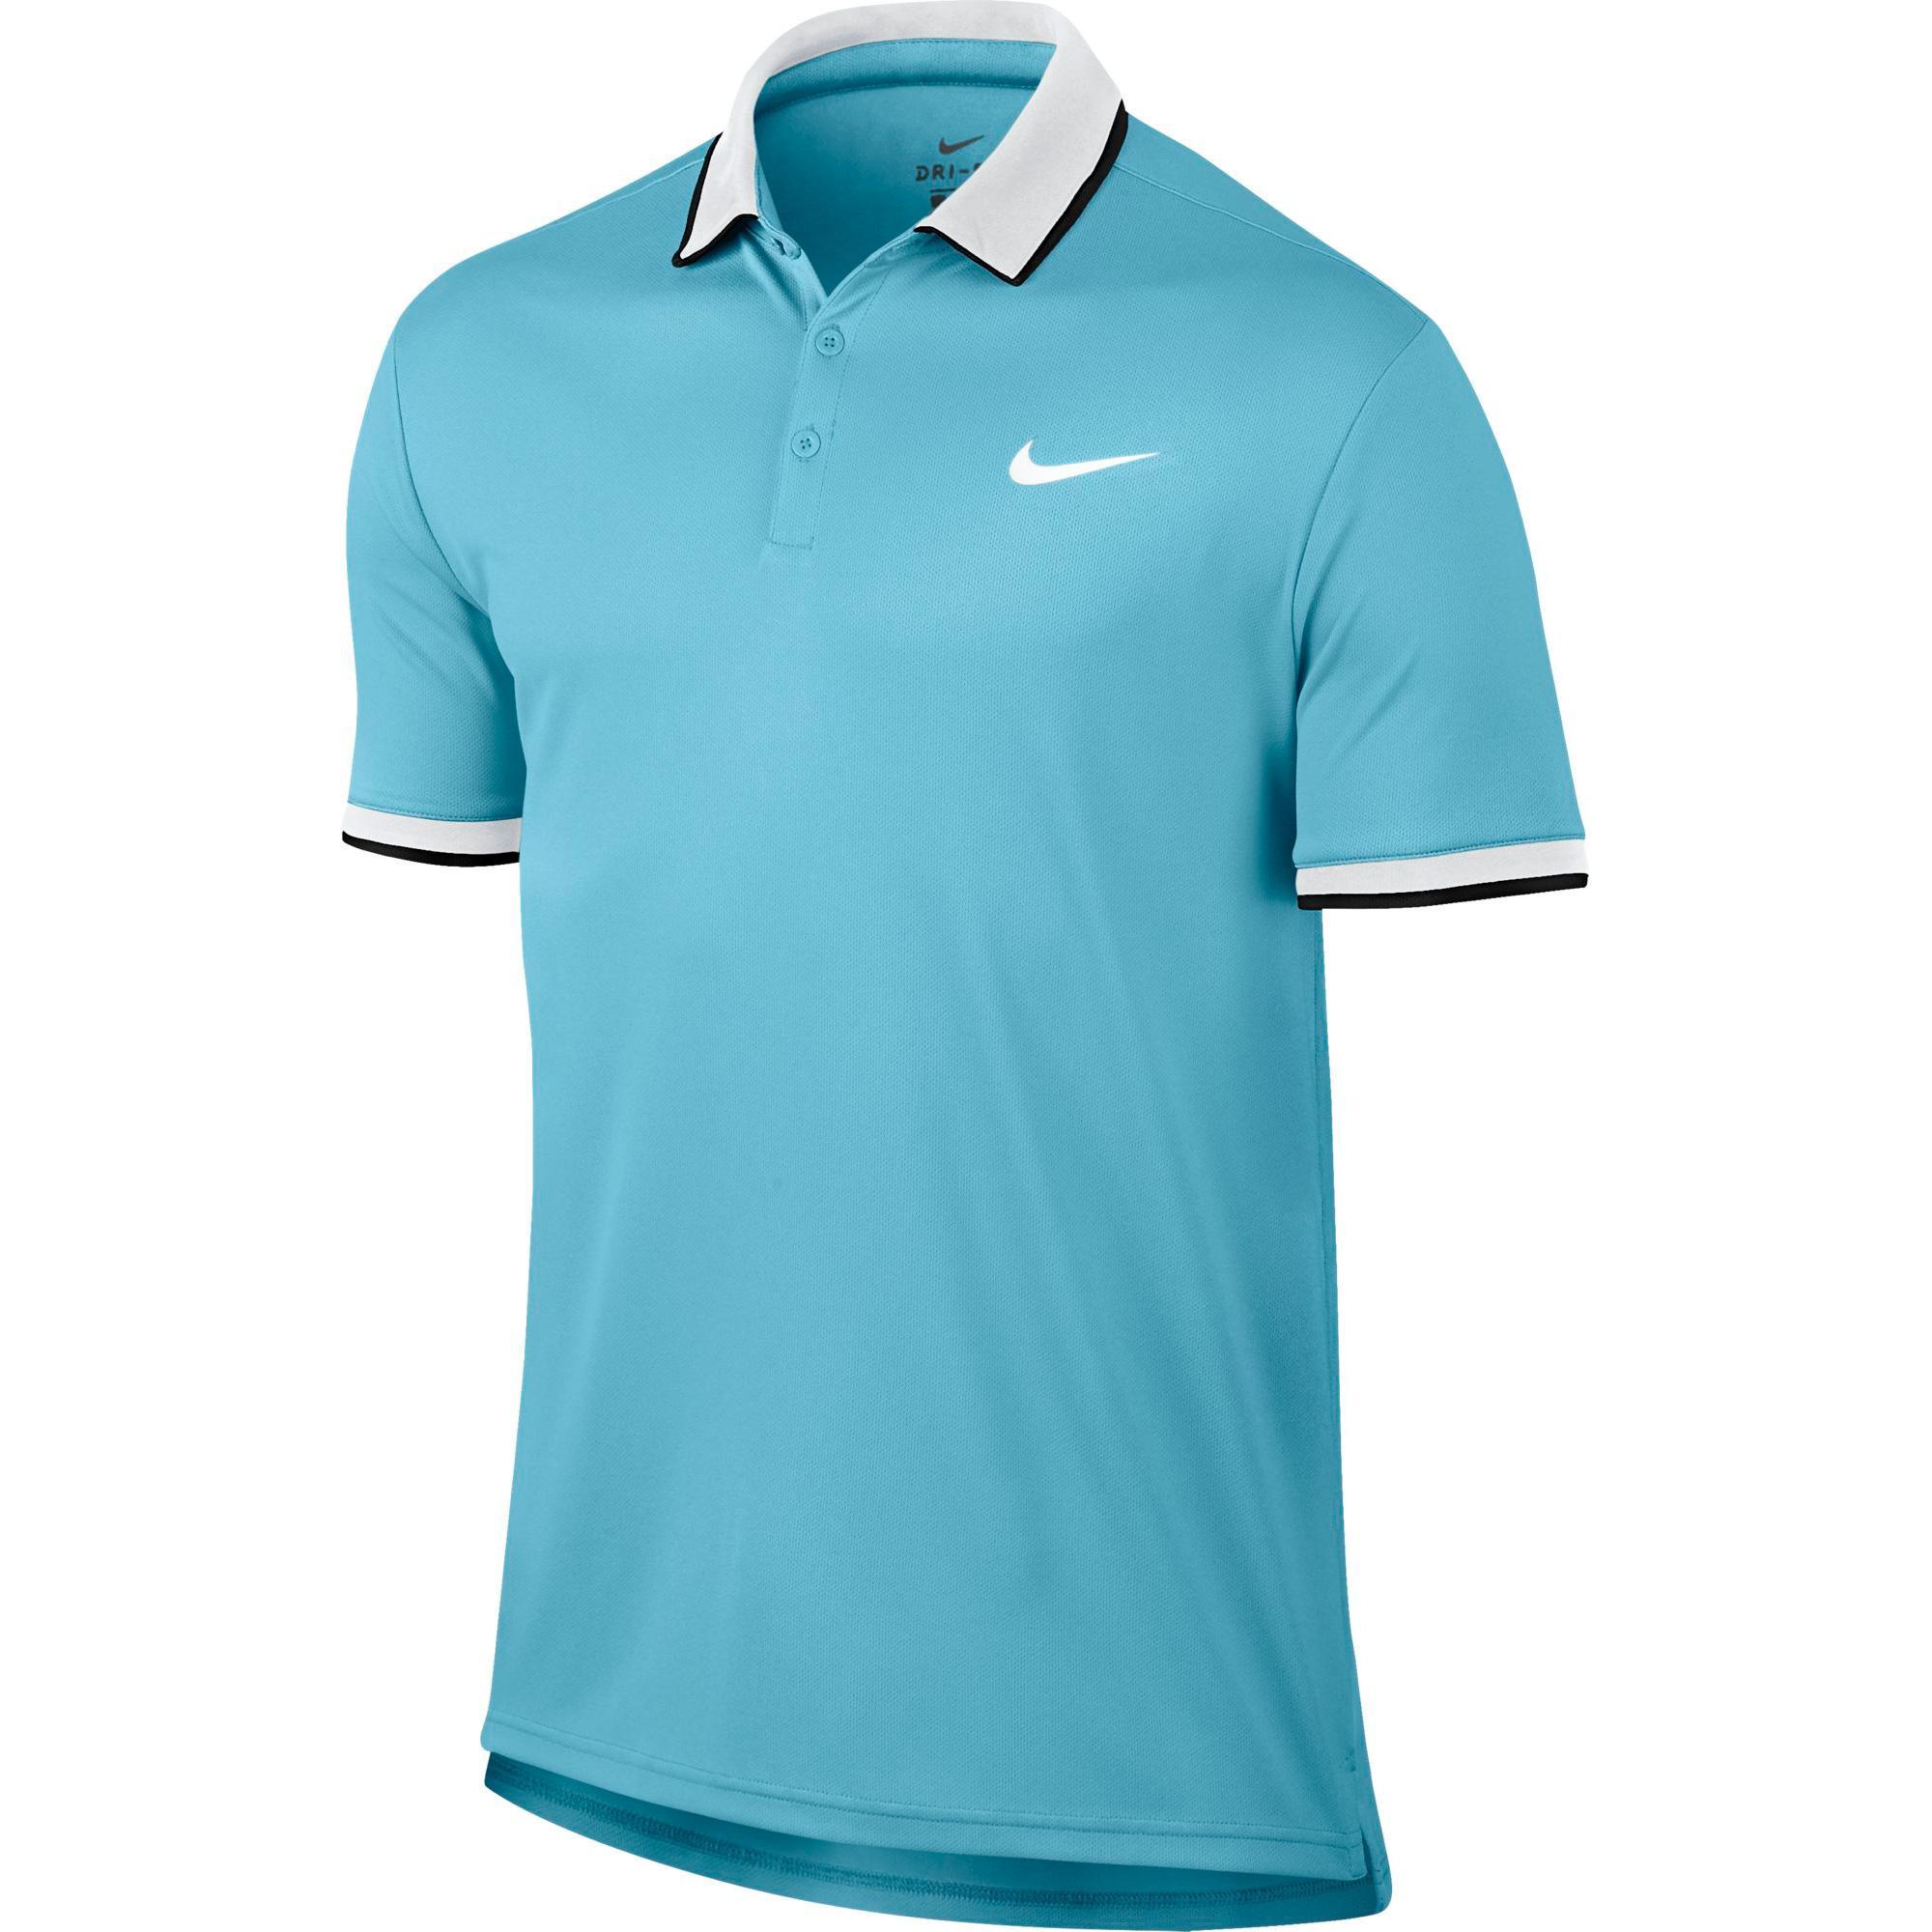 17167f93 Nike Mens Dry Tennis Polo - Vivid Sky Blue - Tennisnuts.com